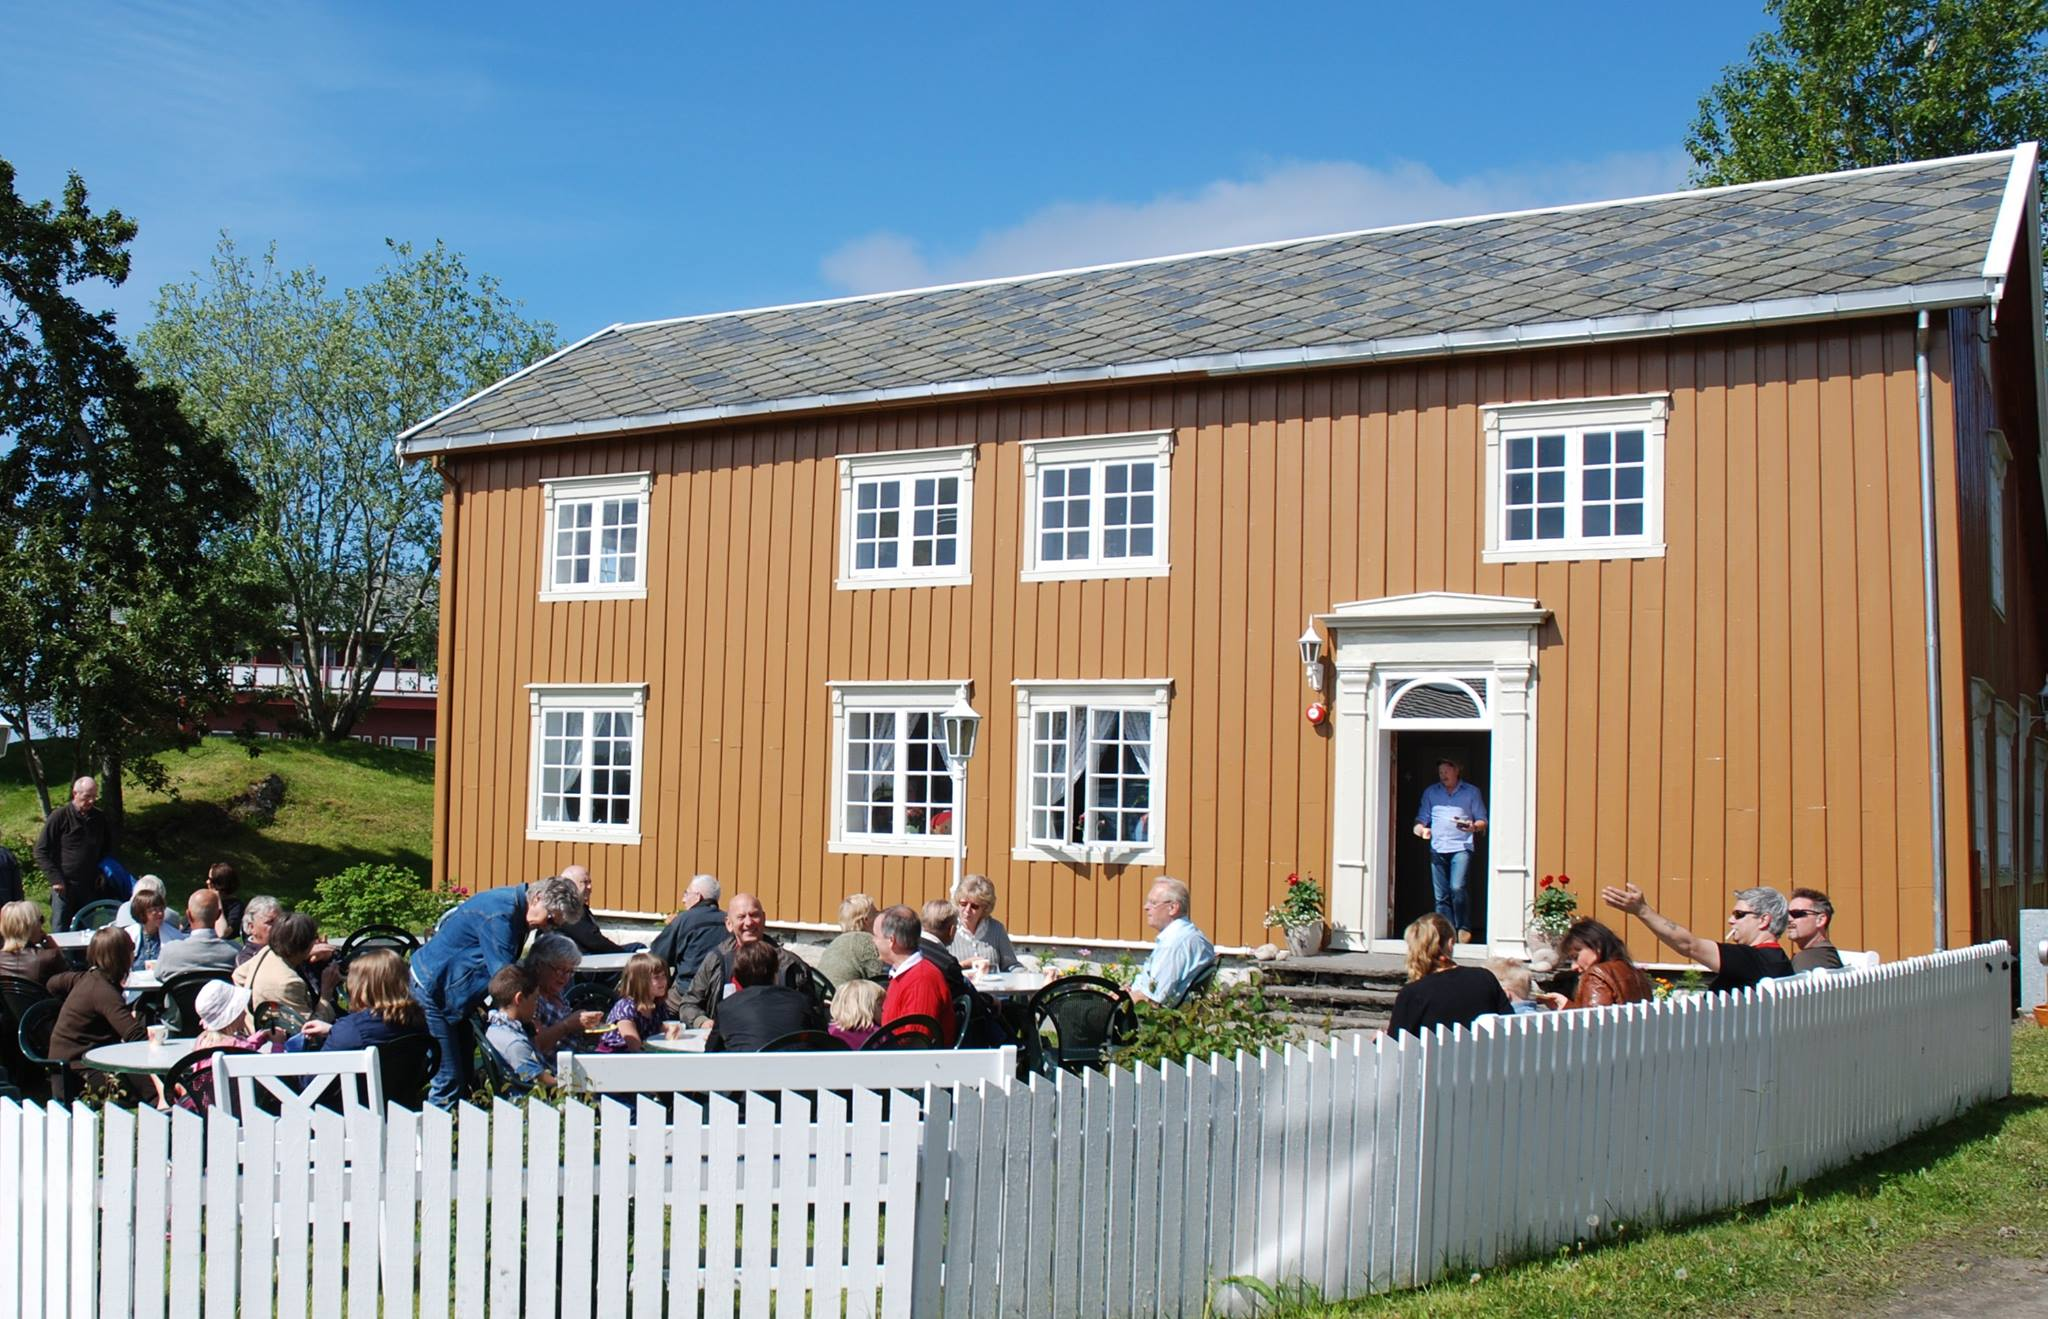 Ørnes Old Trading Post